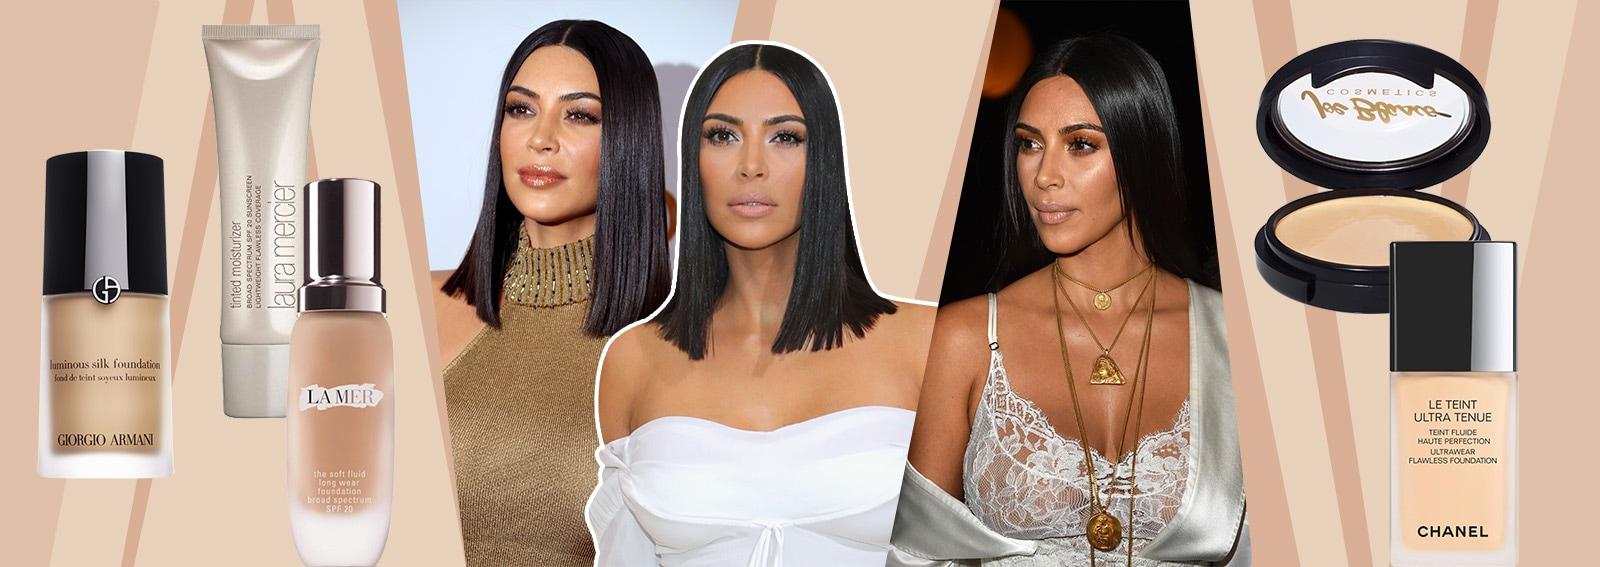 i fondotinta preferita di kim kardashian collage_desktop